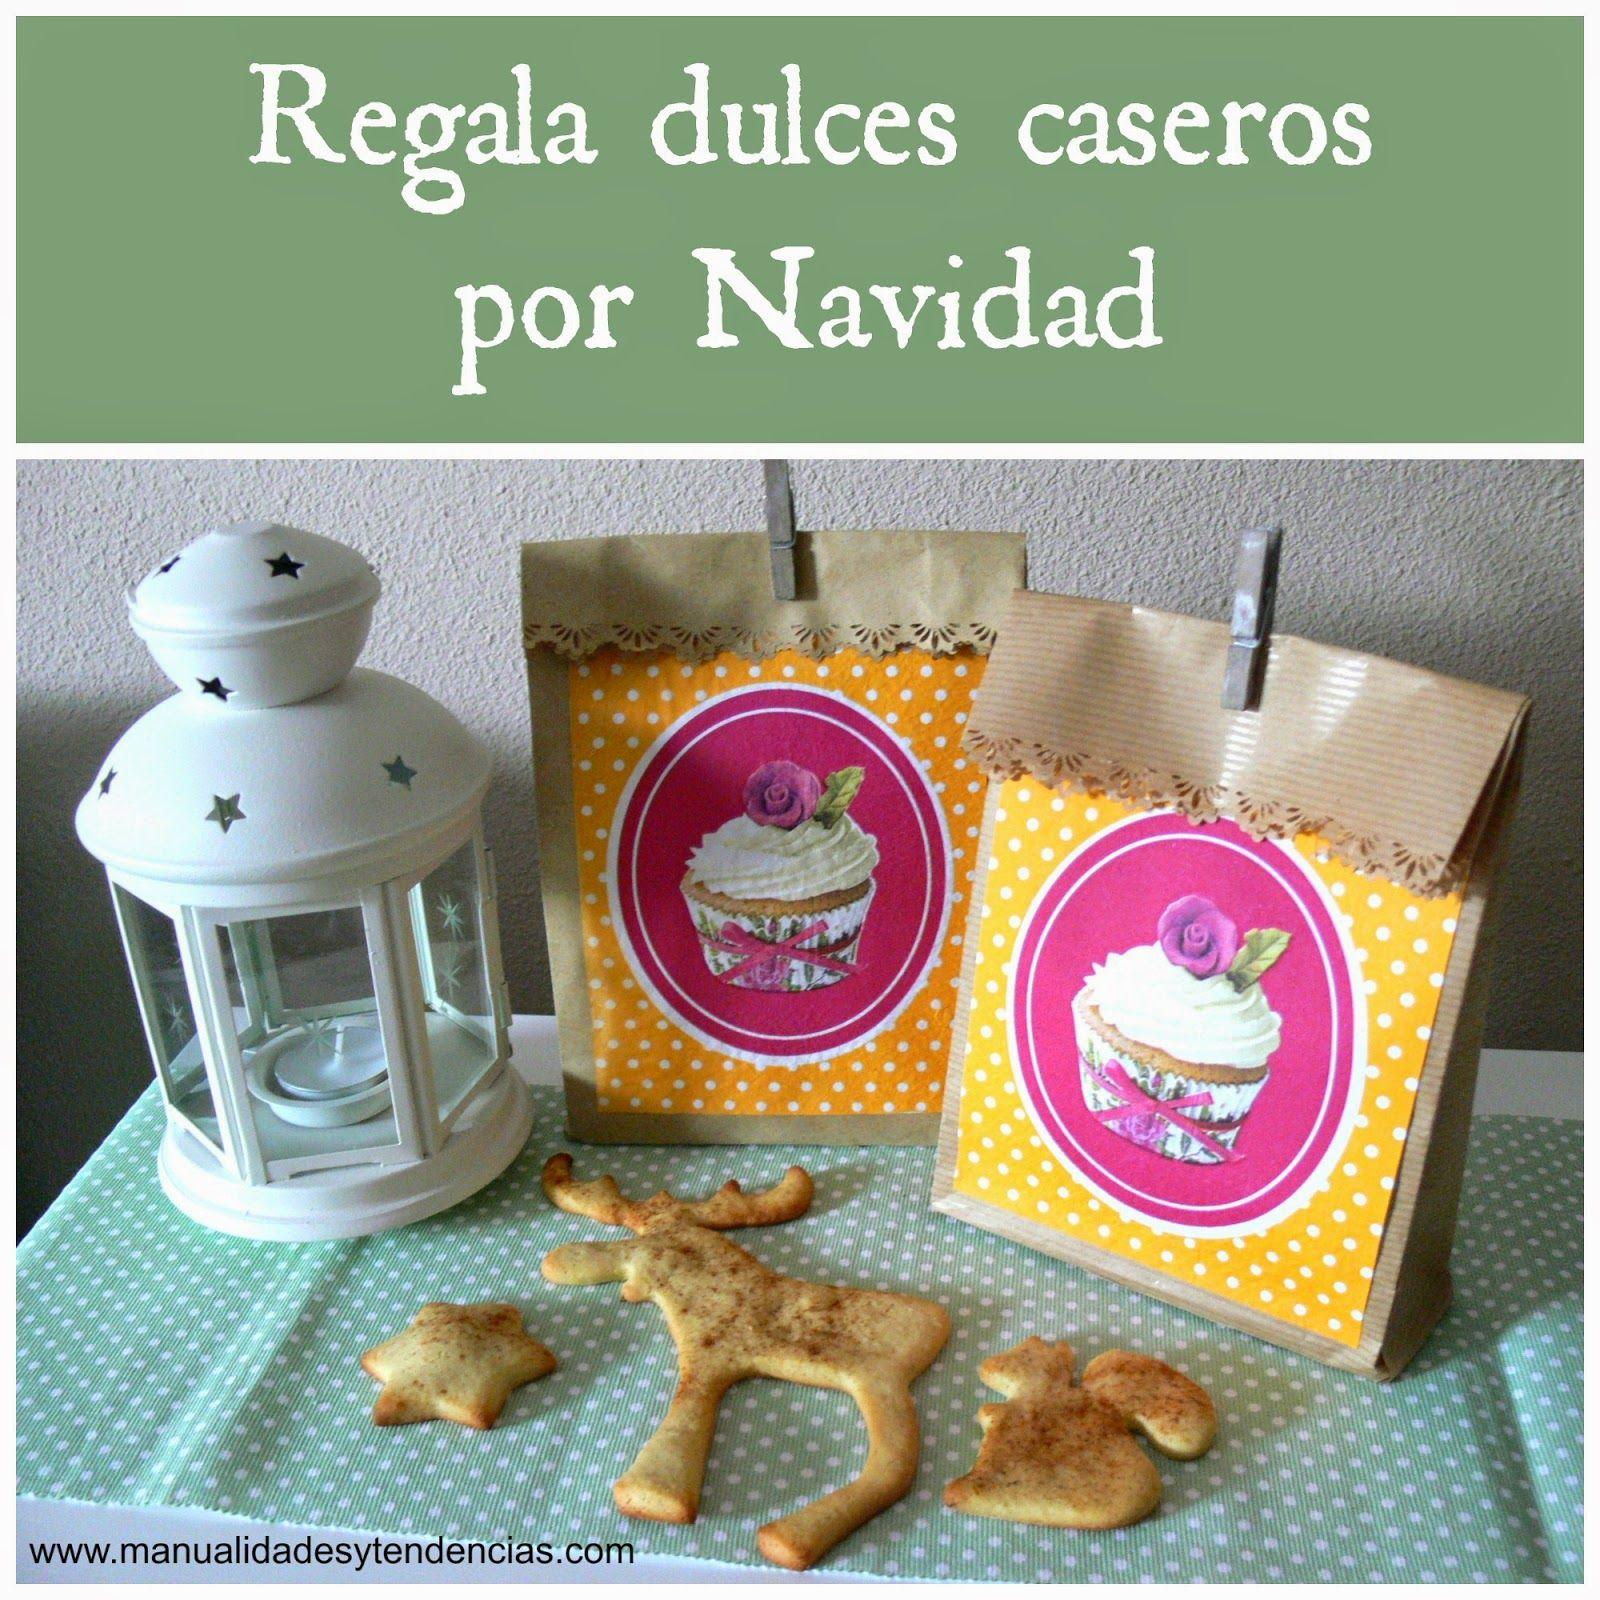 Idea Regalo Navidad Dulces Caseros Www Manualidadesytendencias  ~ Regalos Originales Para Navidad Manualidades